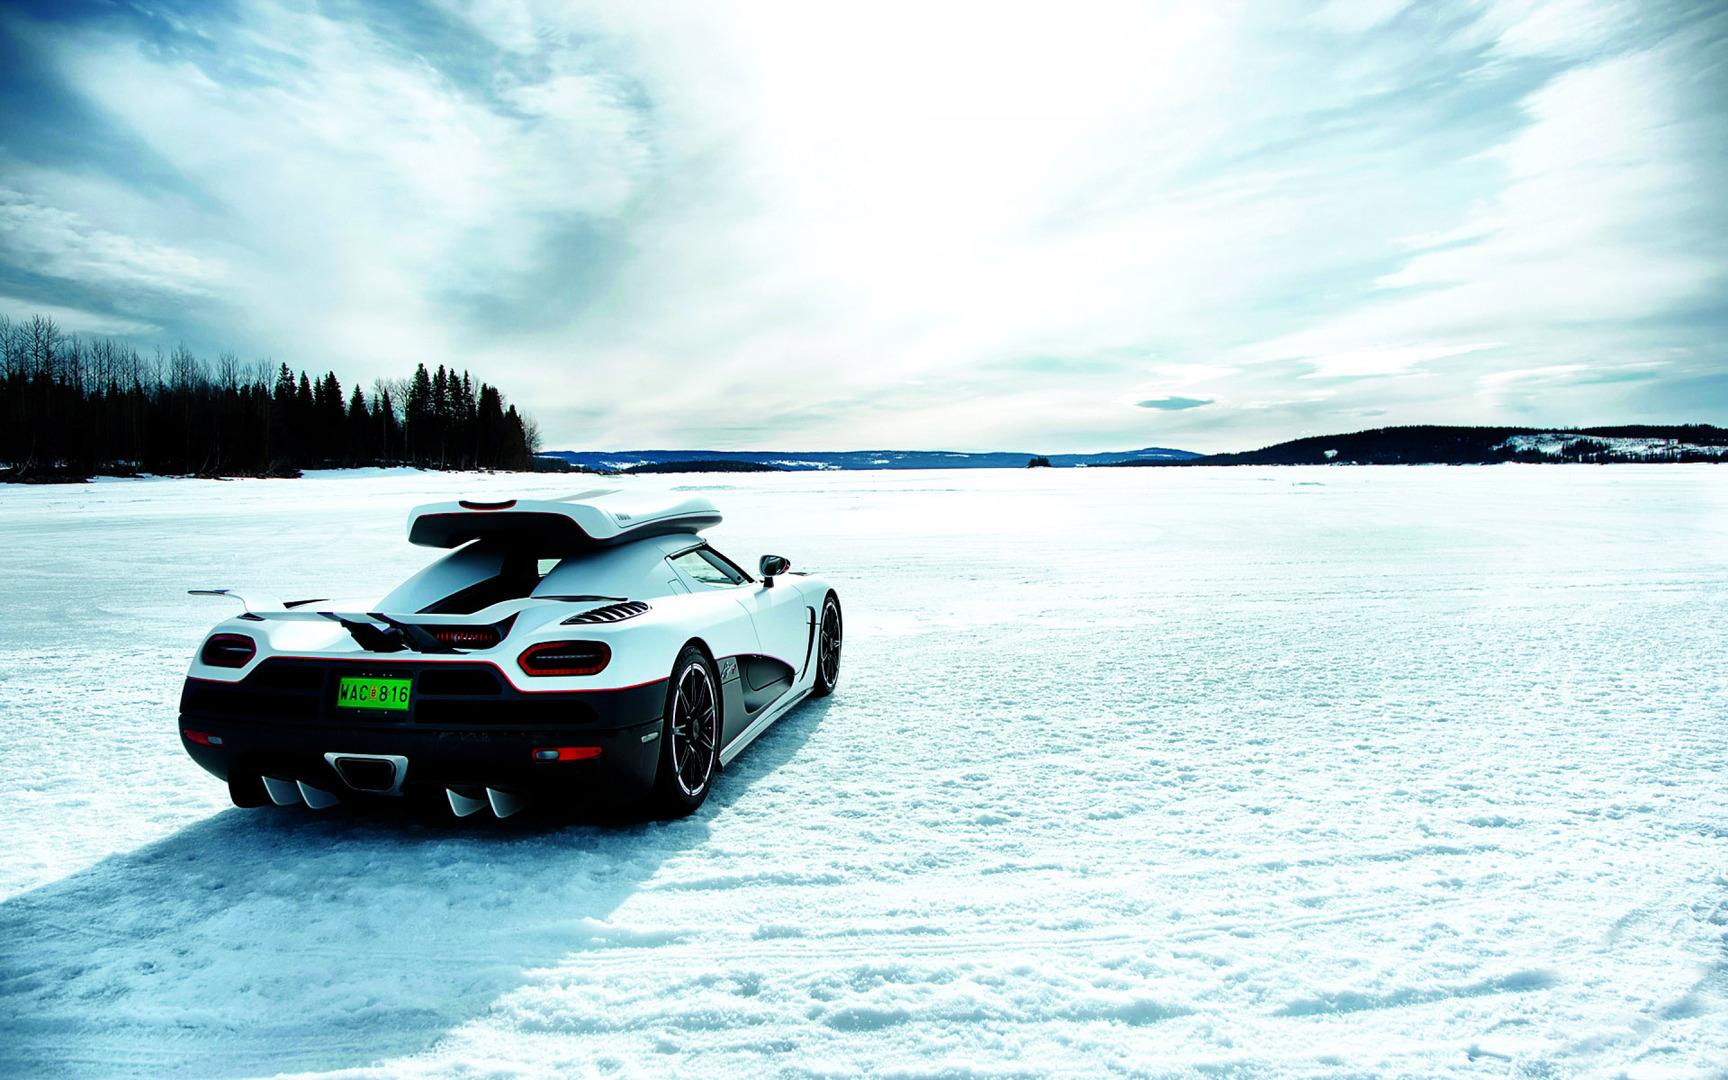 Download Koenigsegg Agera R wallpaper 1728x1080